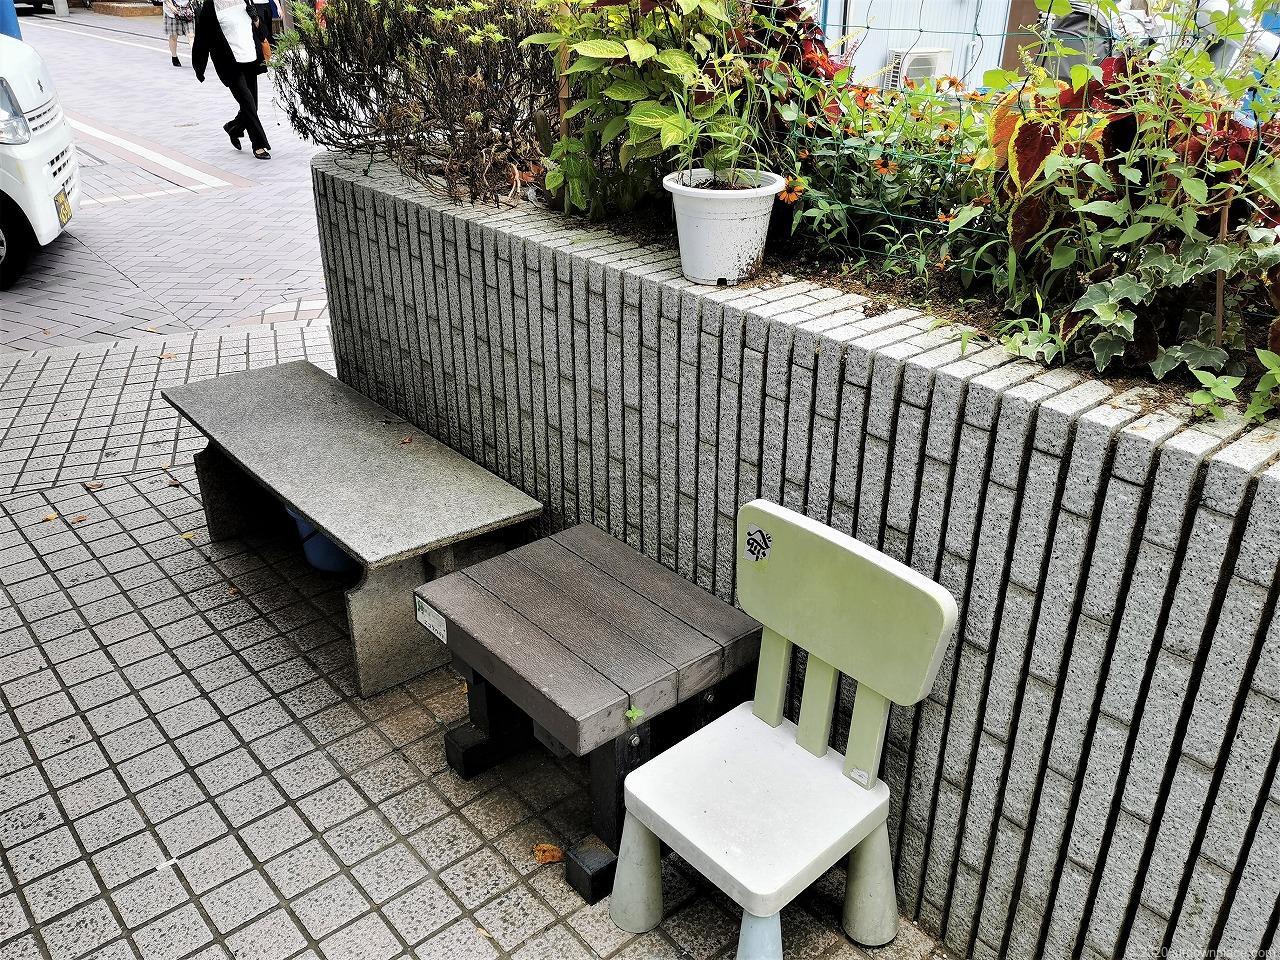 武蔵小杉駅 今市橋にかっぱ君前のチェア